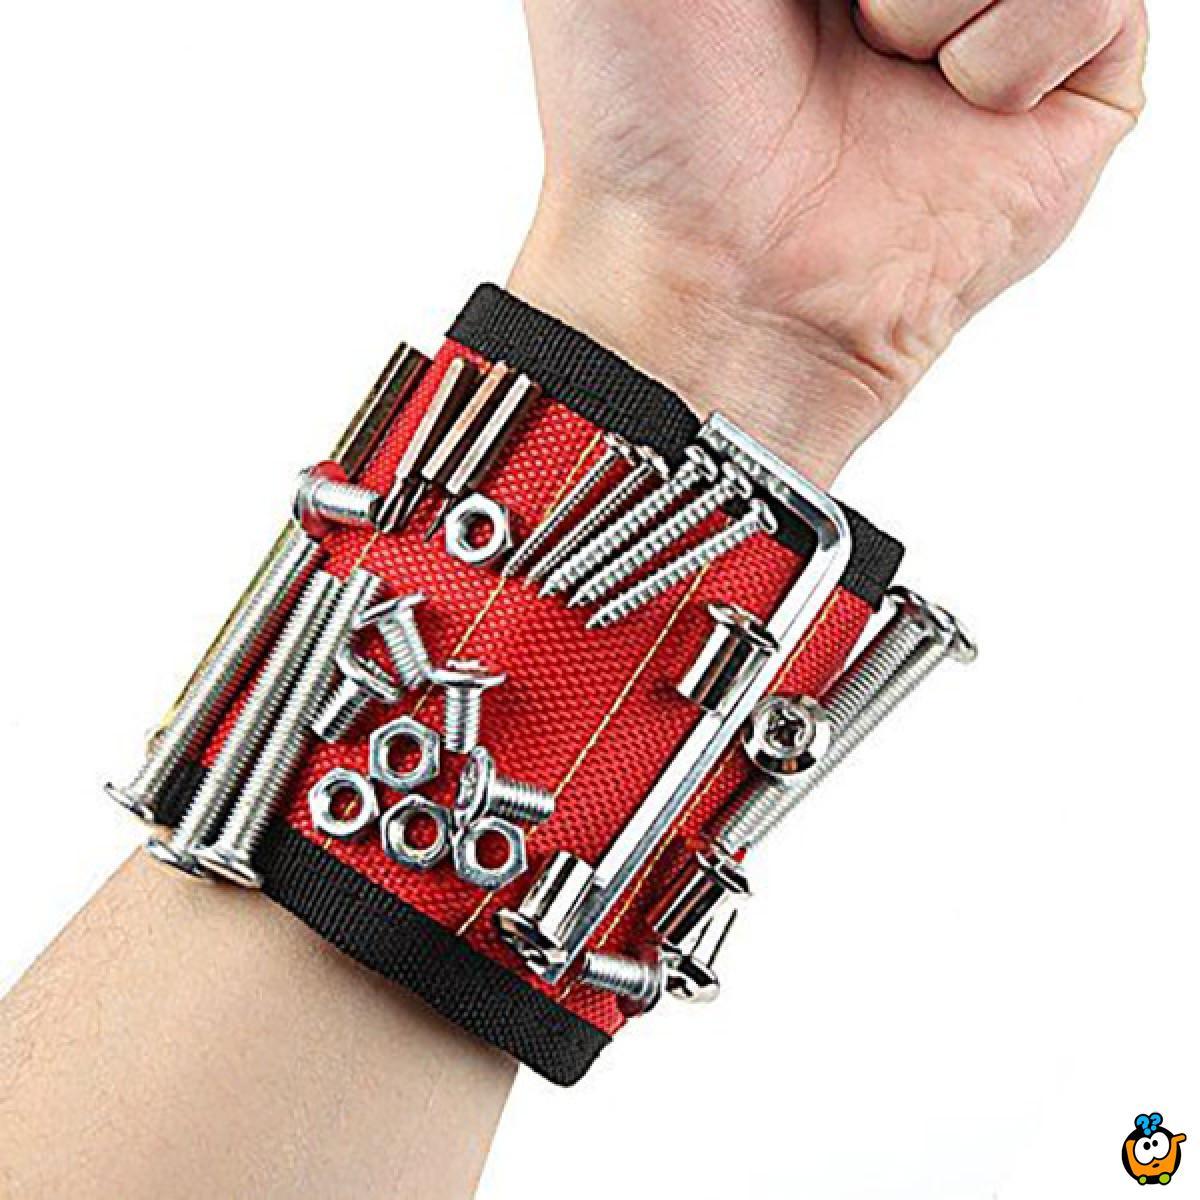 Magnetna narukvica za majstore - za sitne metalne delove nadohvat ruke